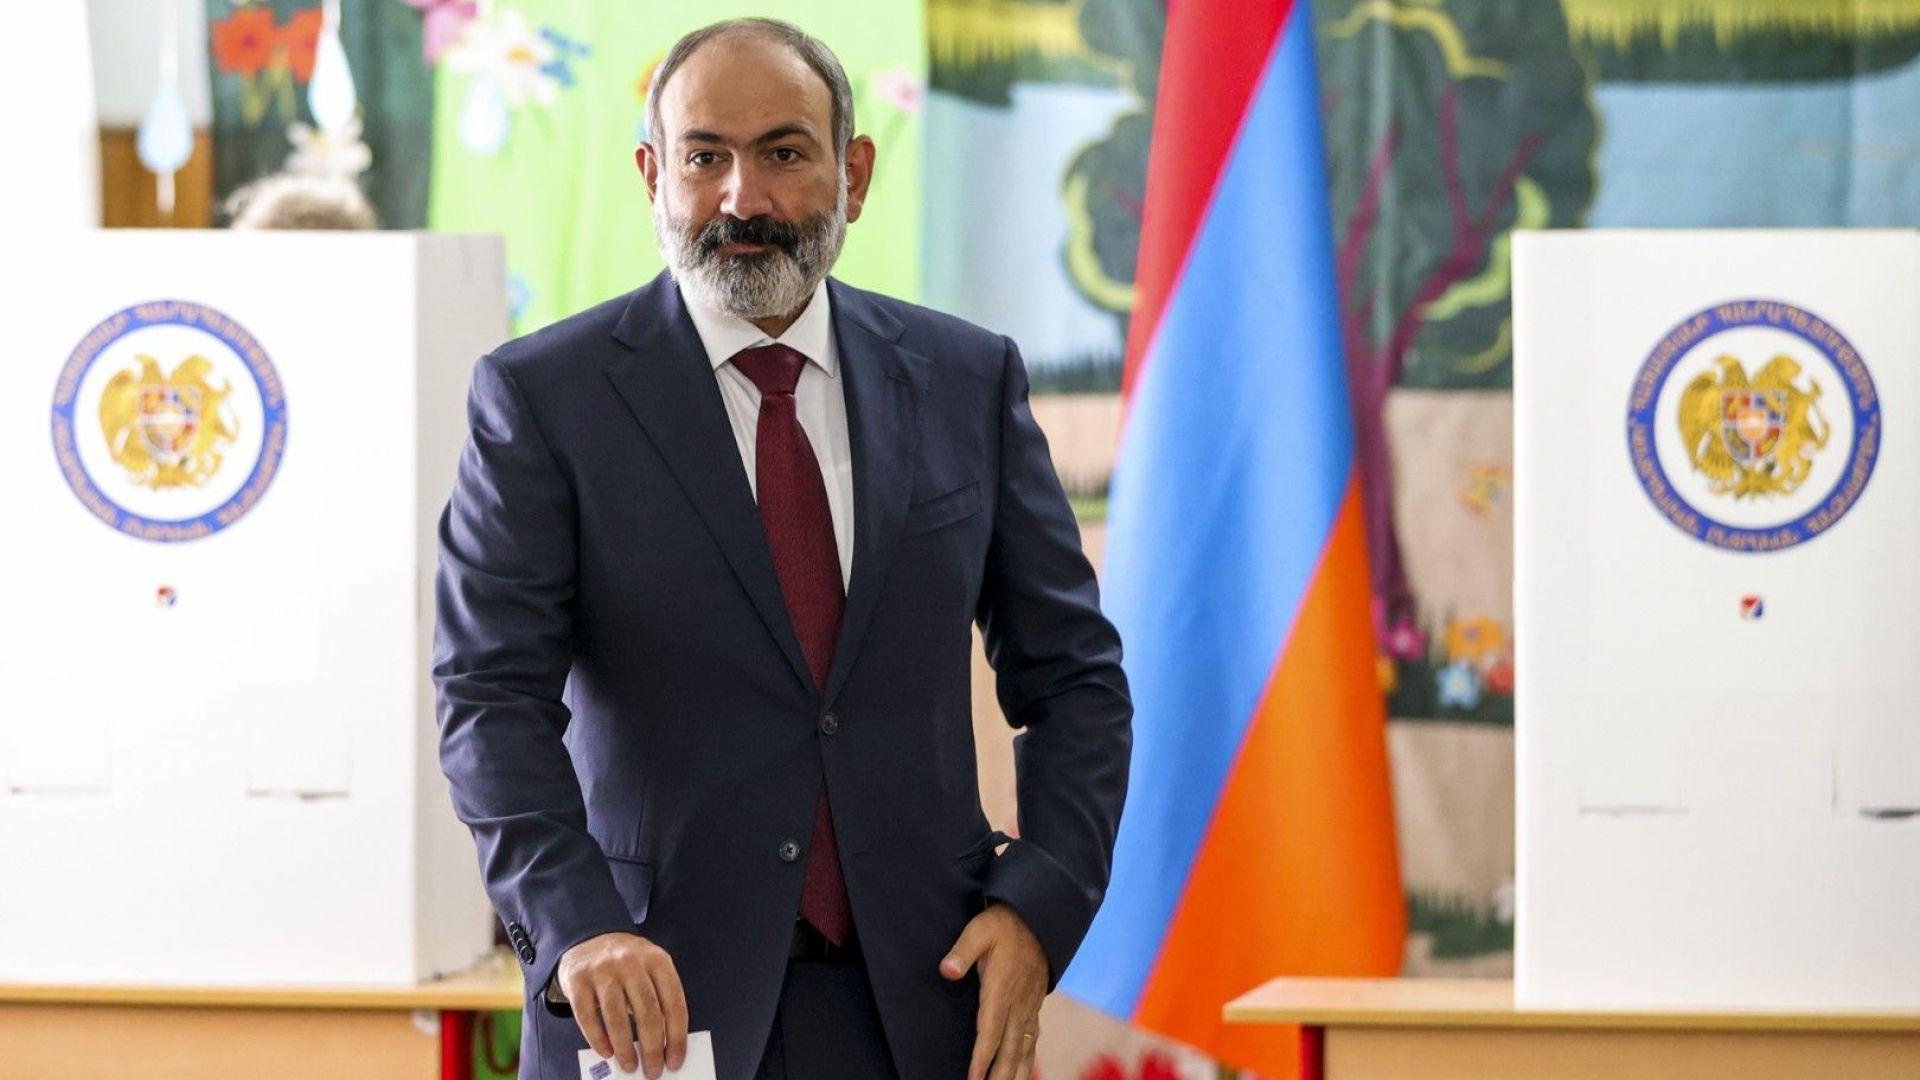 Въпреки протестите и прогнозите Пашинян печели с огромна преднина вота в Армения